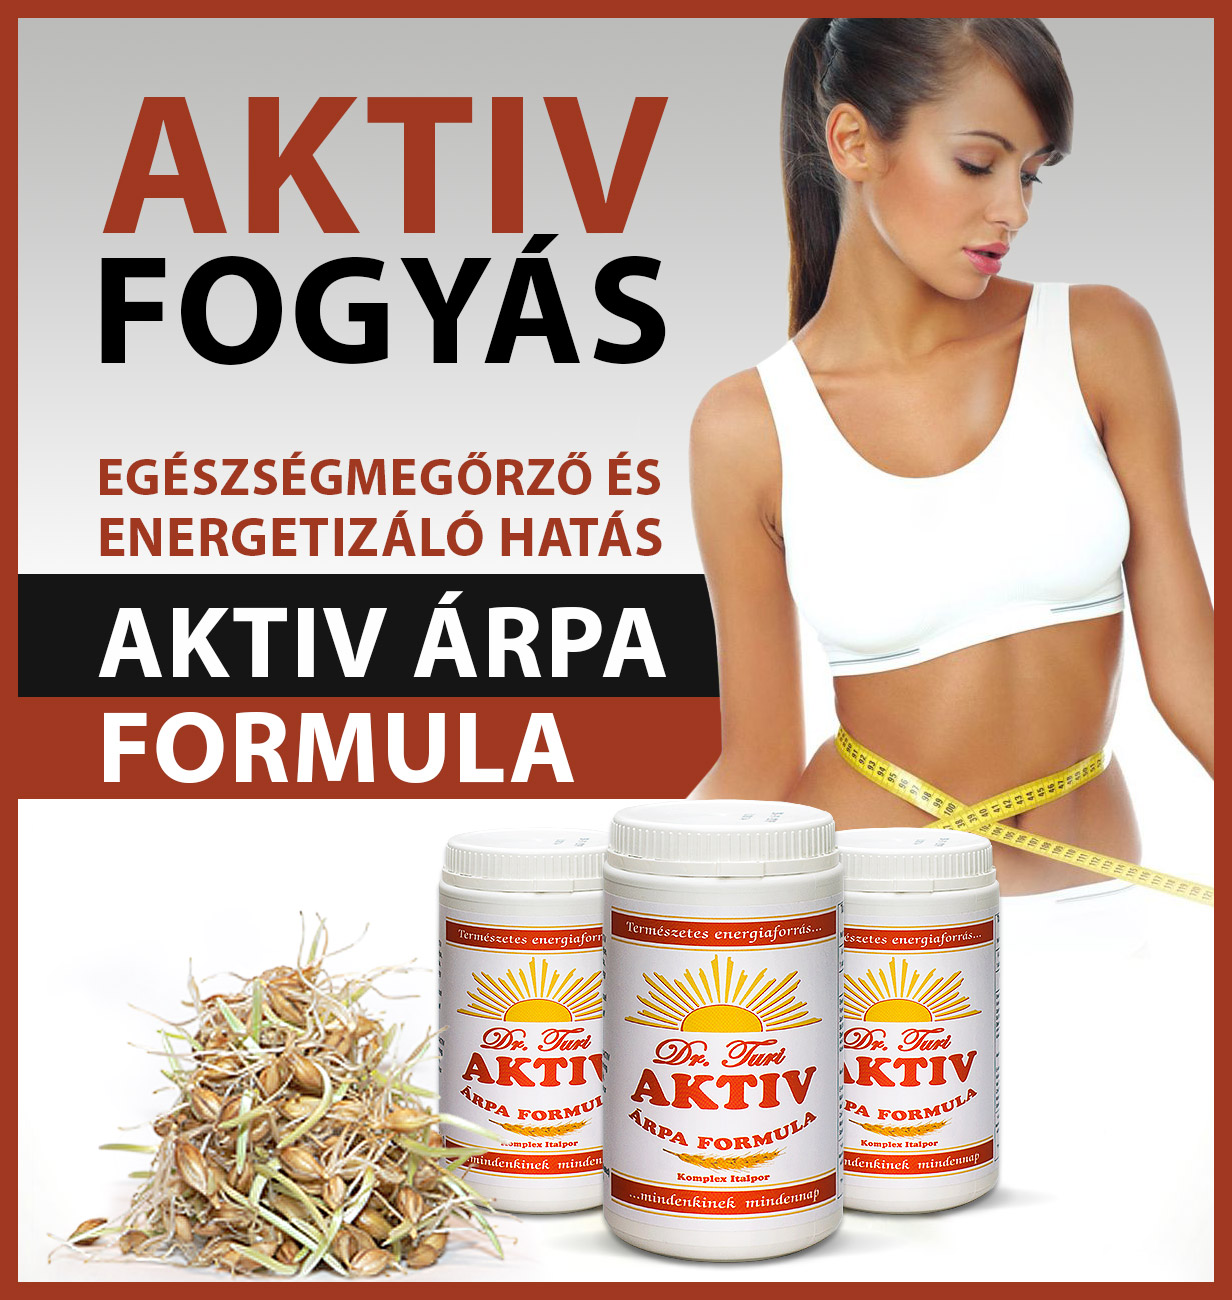 Egészséges fogyókúra az AKTIV Árpa Formulával